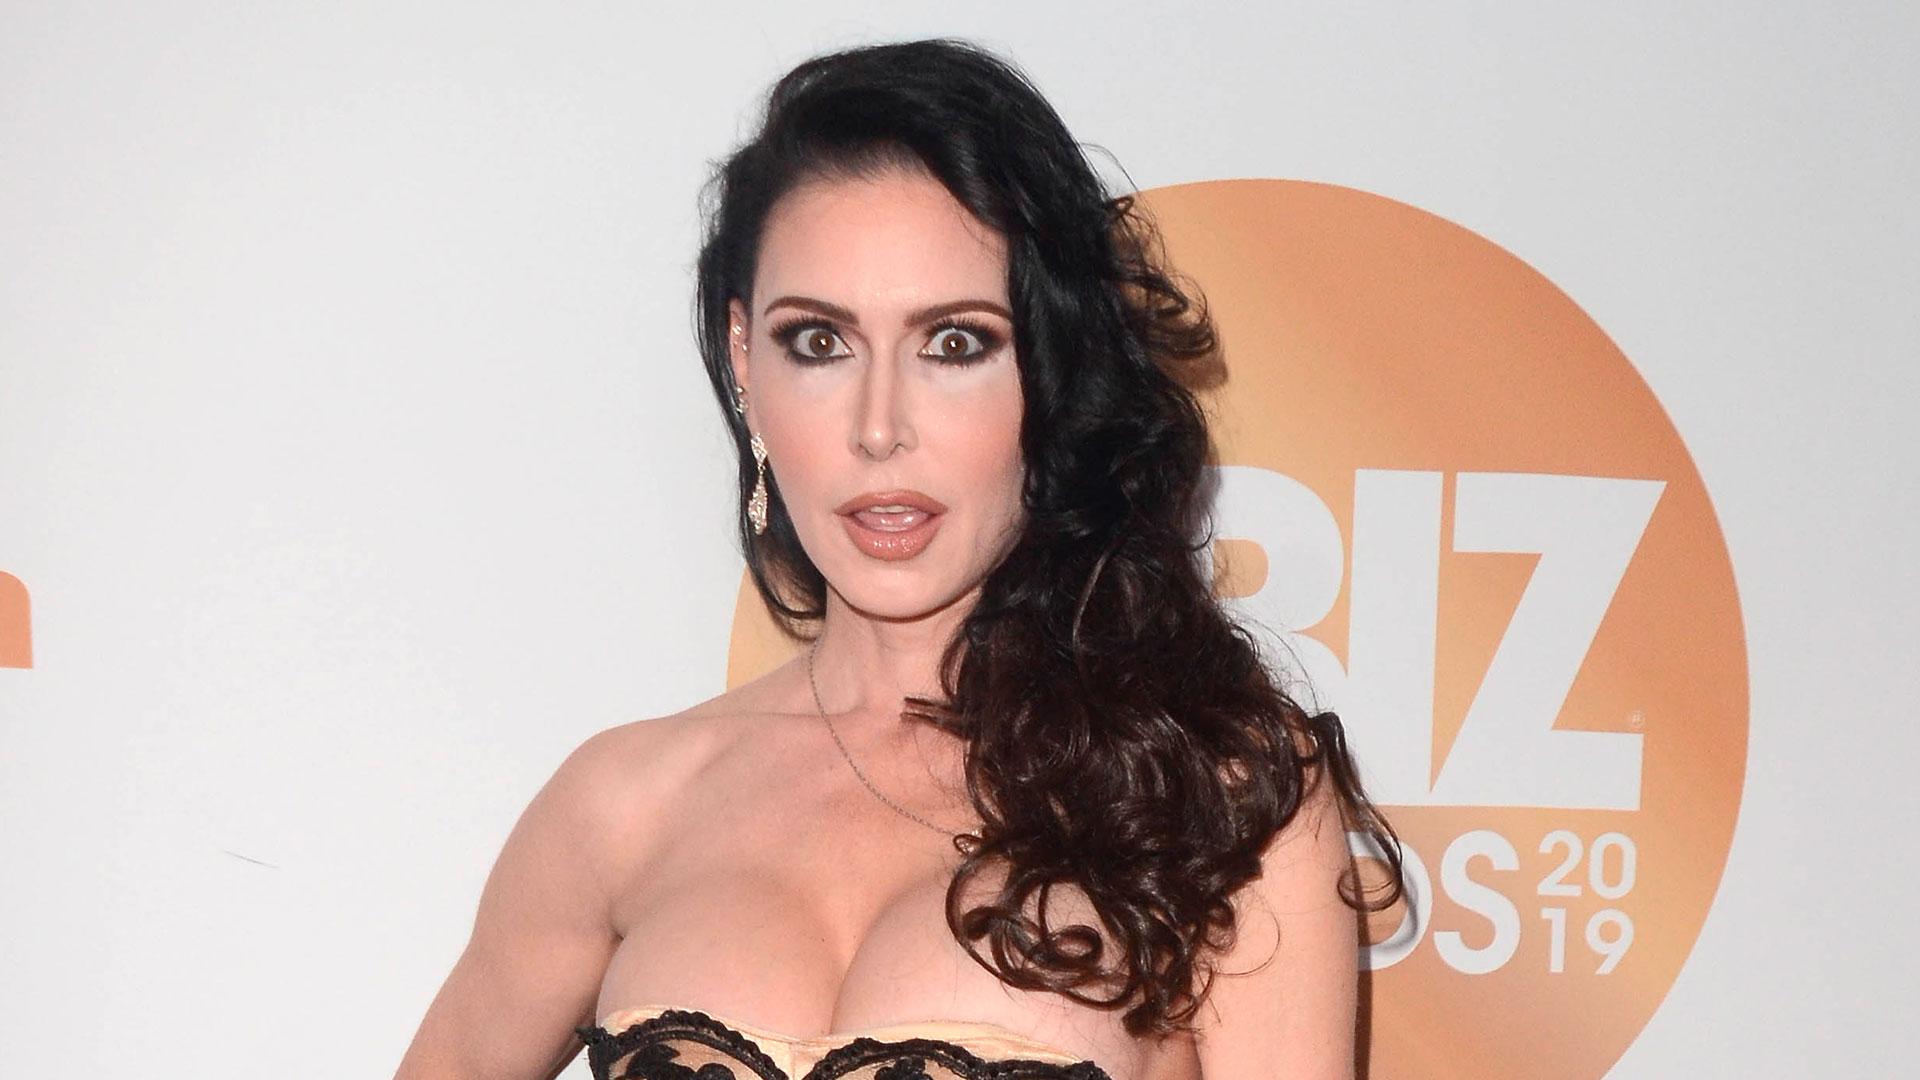 Agencia Modelos Porno hallaron muerta a la estrella porno jessica jaymes - infobae